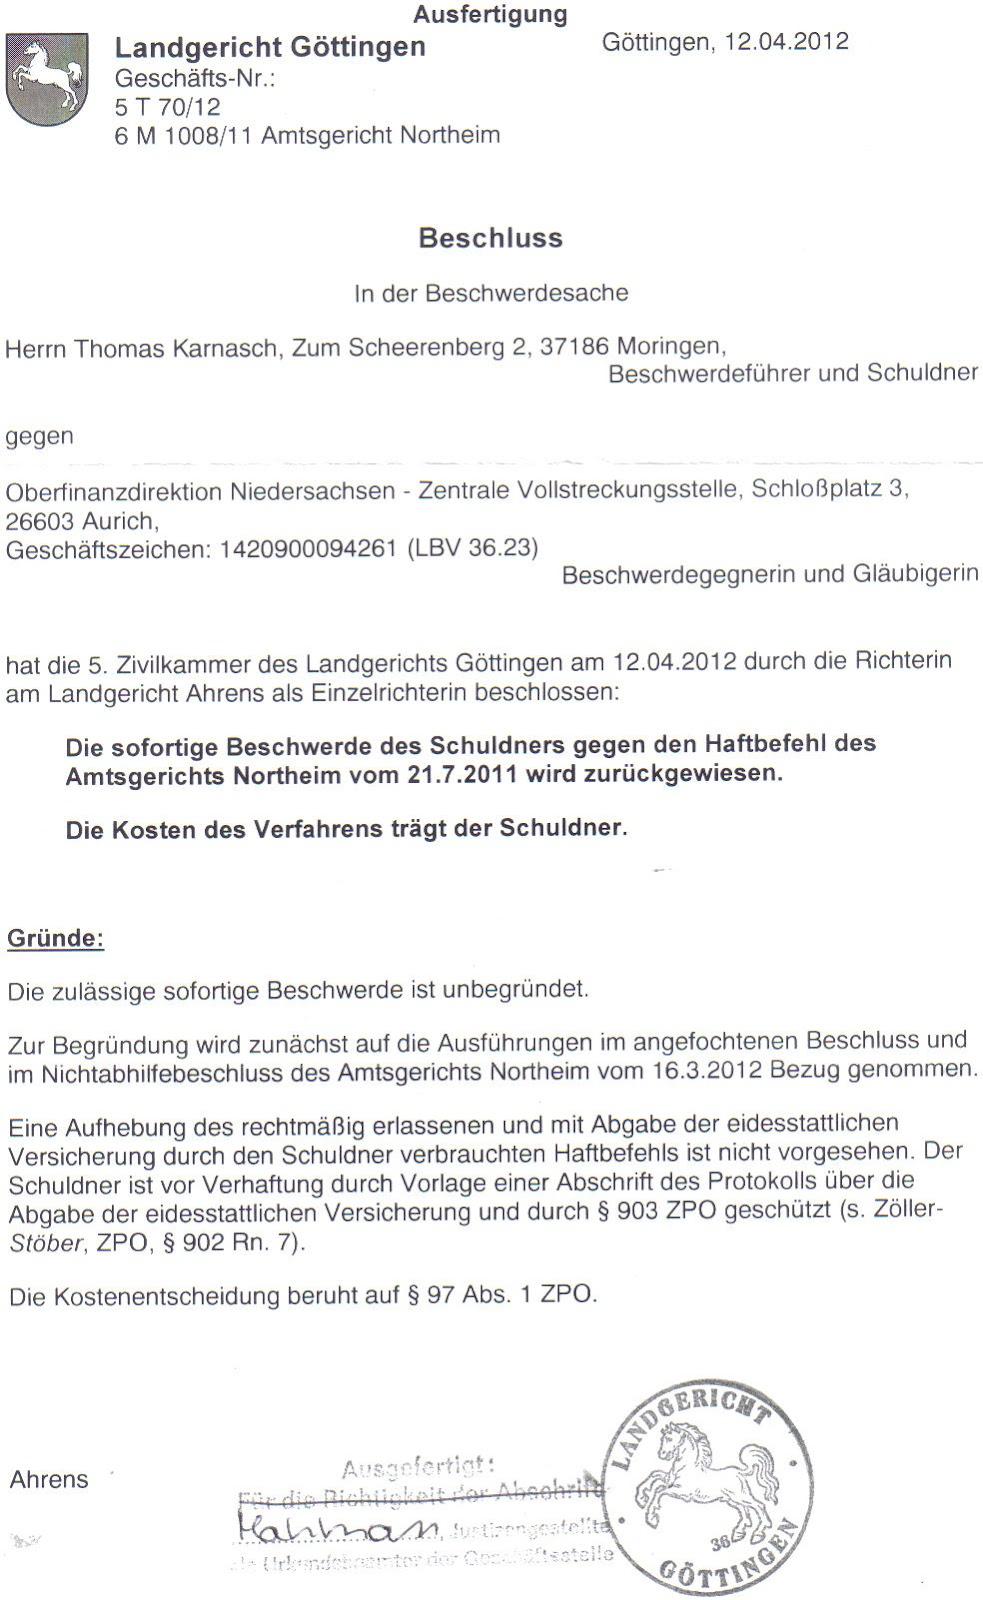 Göttingen Personalausweis